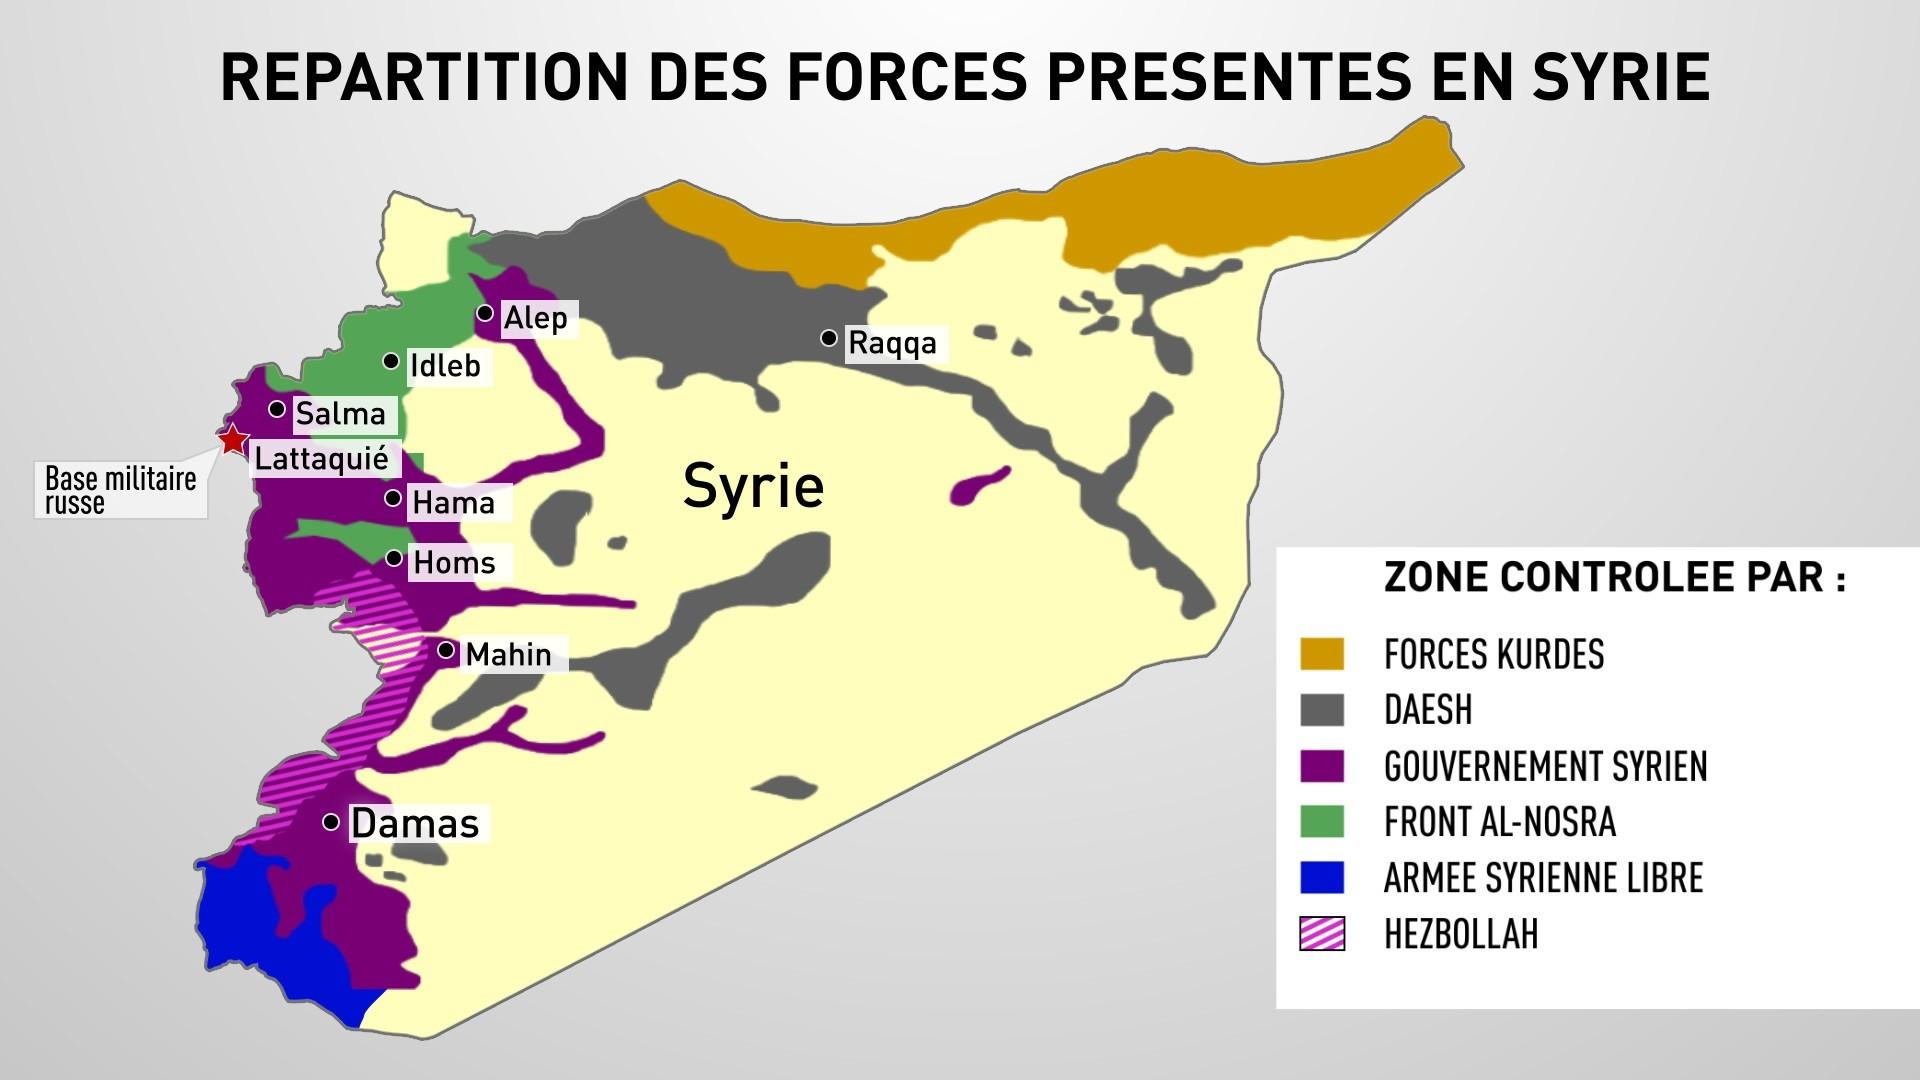 Répartition des forces présentes en Syrie.